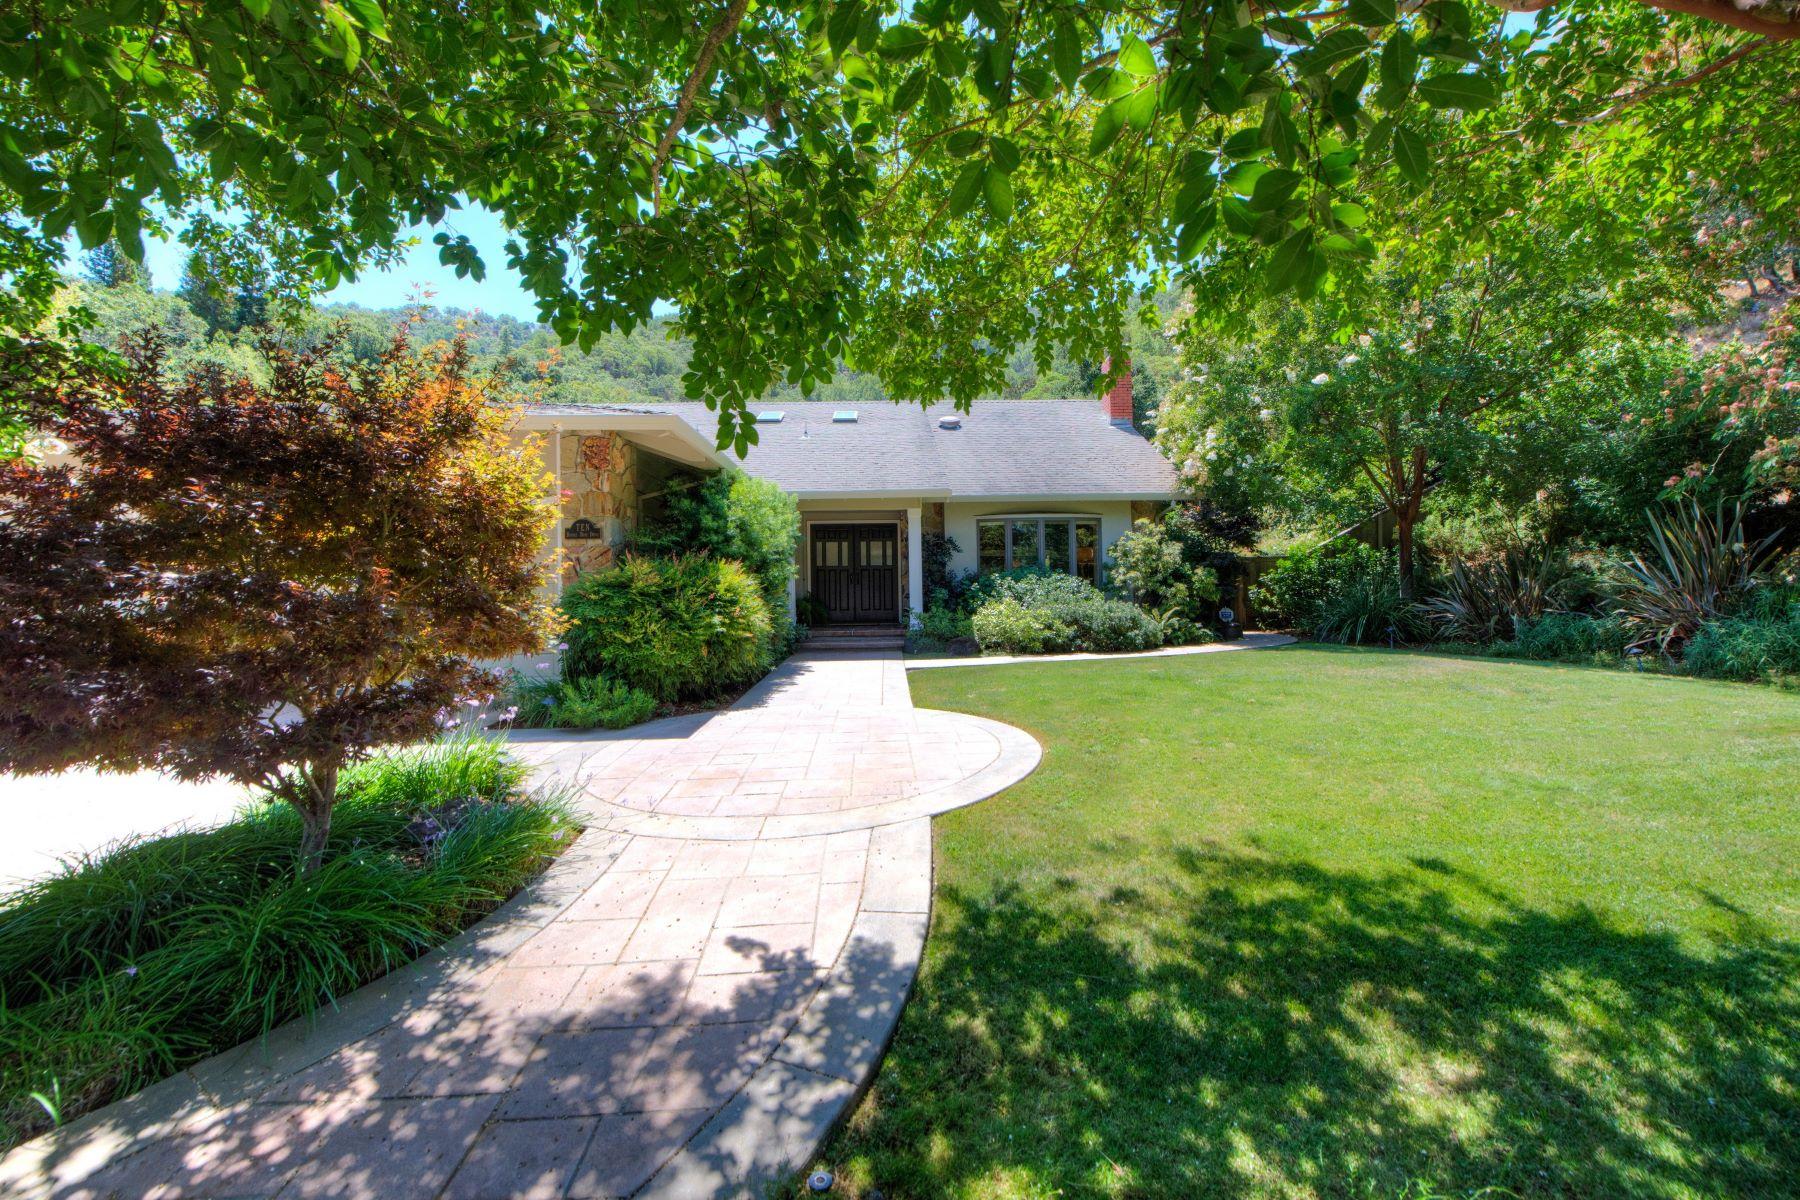 Частный односемейный дом для того Продажа на Spectacular Executive Style Home in Marin Country Club 10 Bonnie Brae Drive Novato, Калифорния 94949 Соединенные Штаты